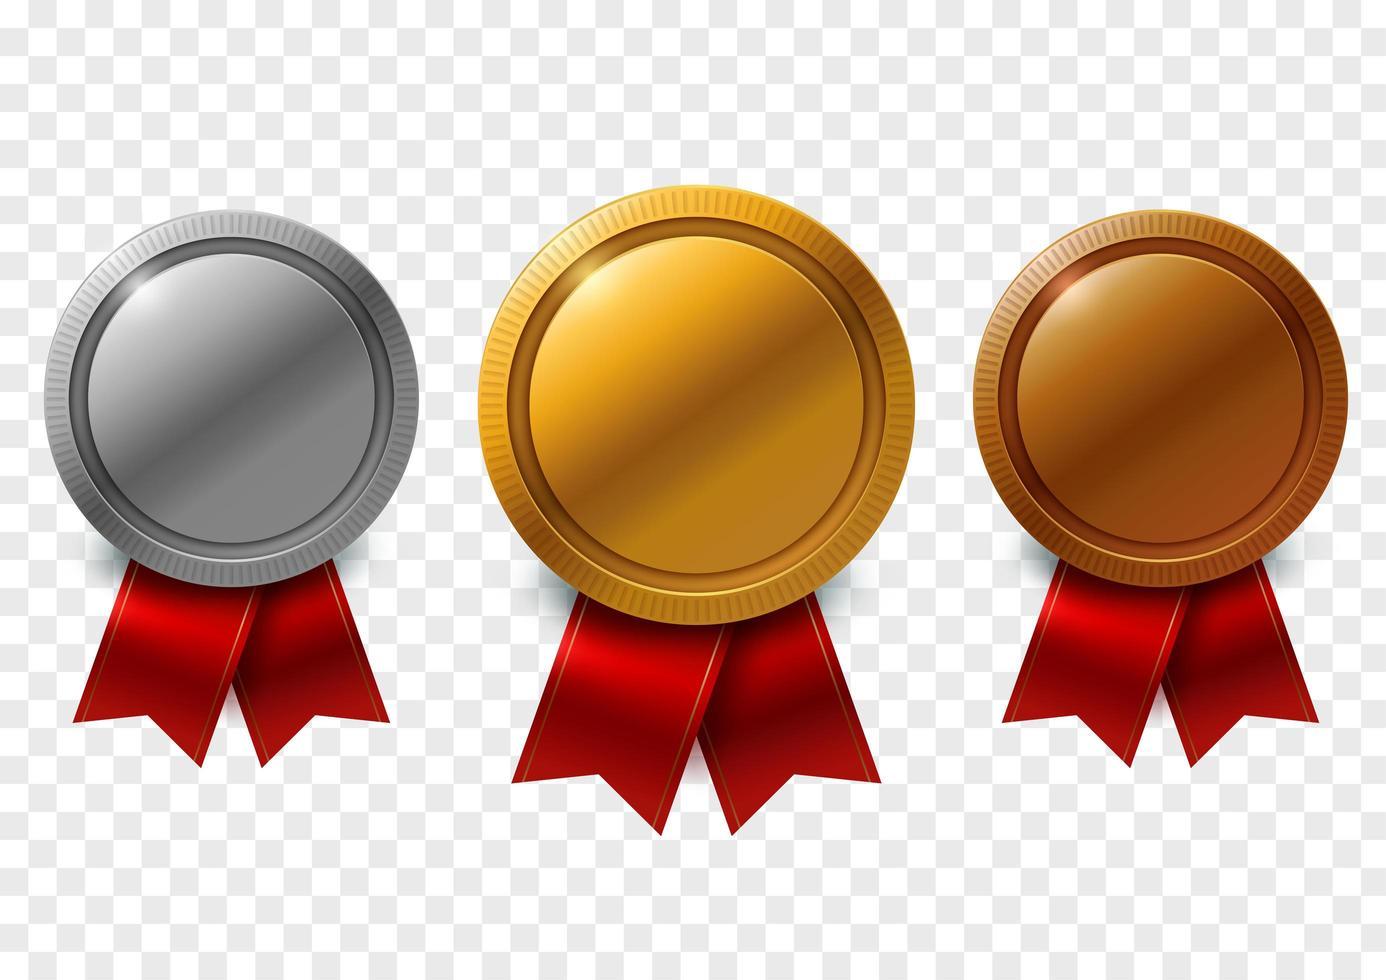 guld-, silver- och bronsmedaljer med röda band vektor